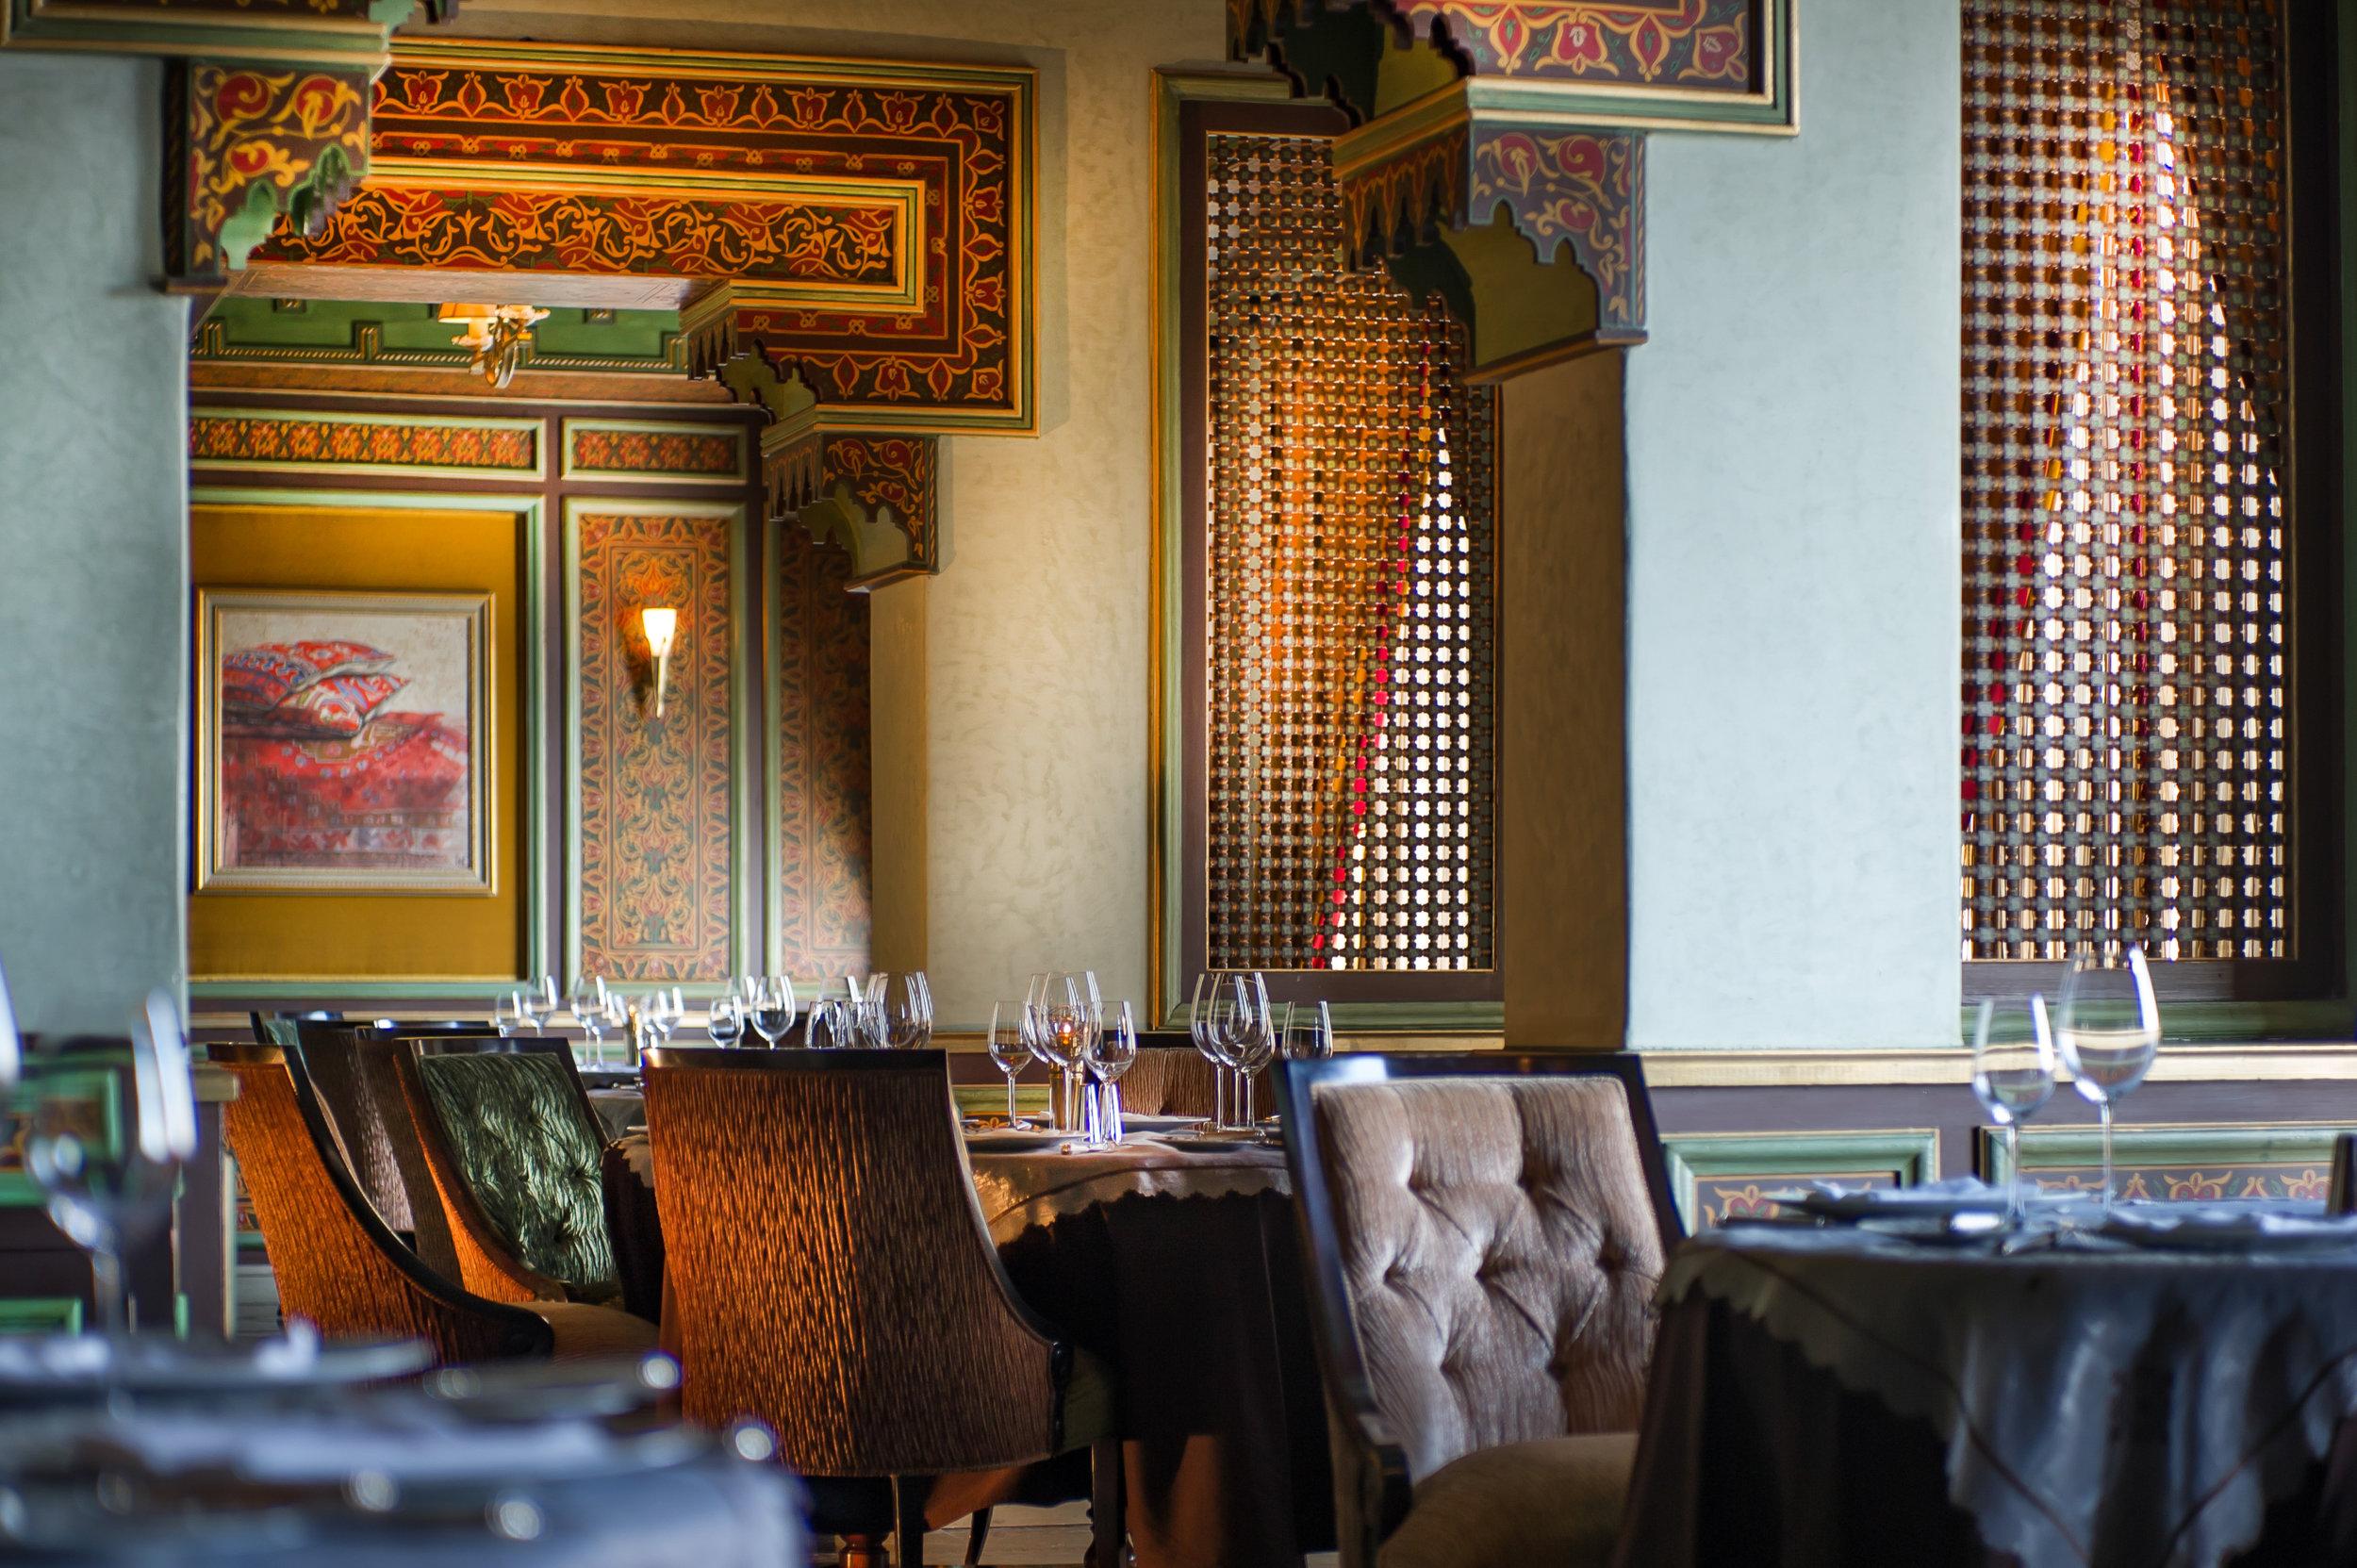 Hotel Michlifen Ifrane 5* Maroc Restaurant